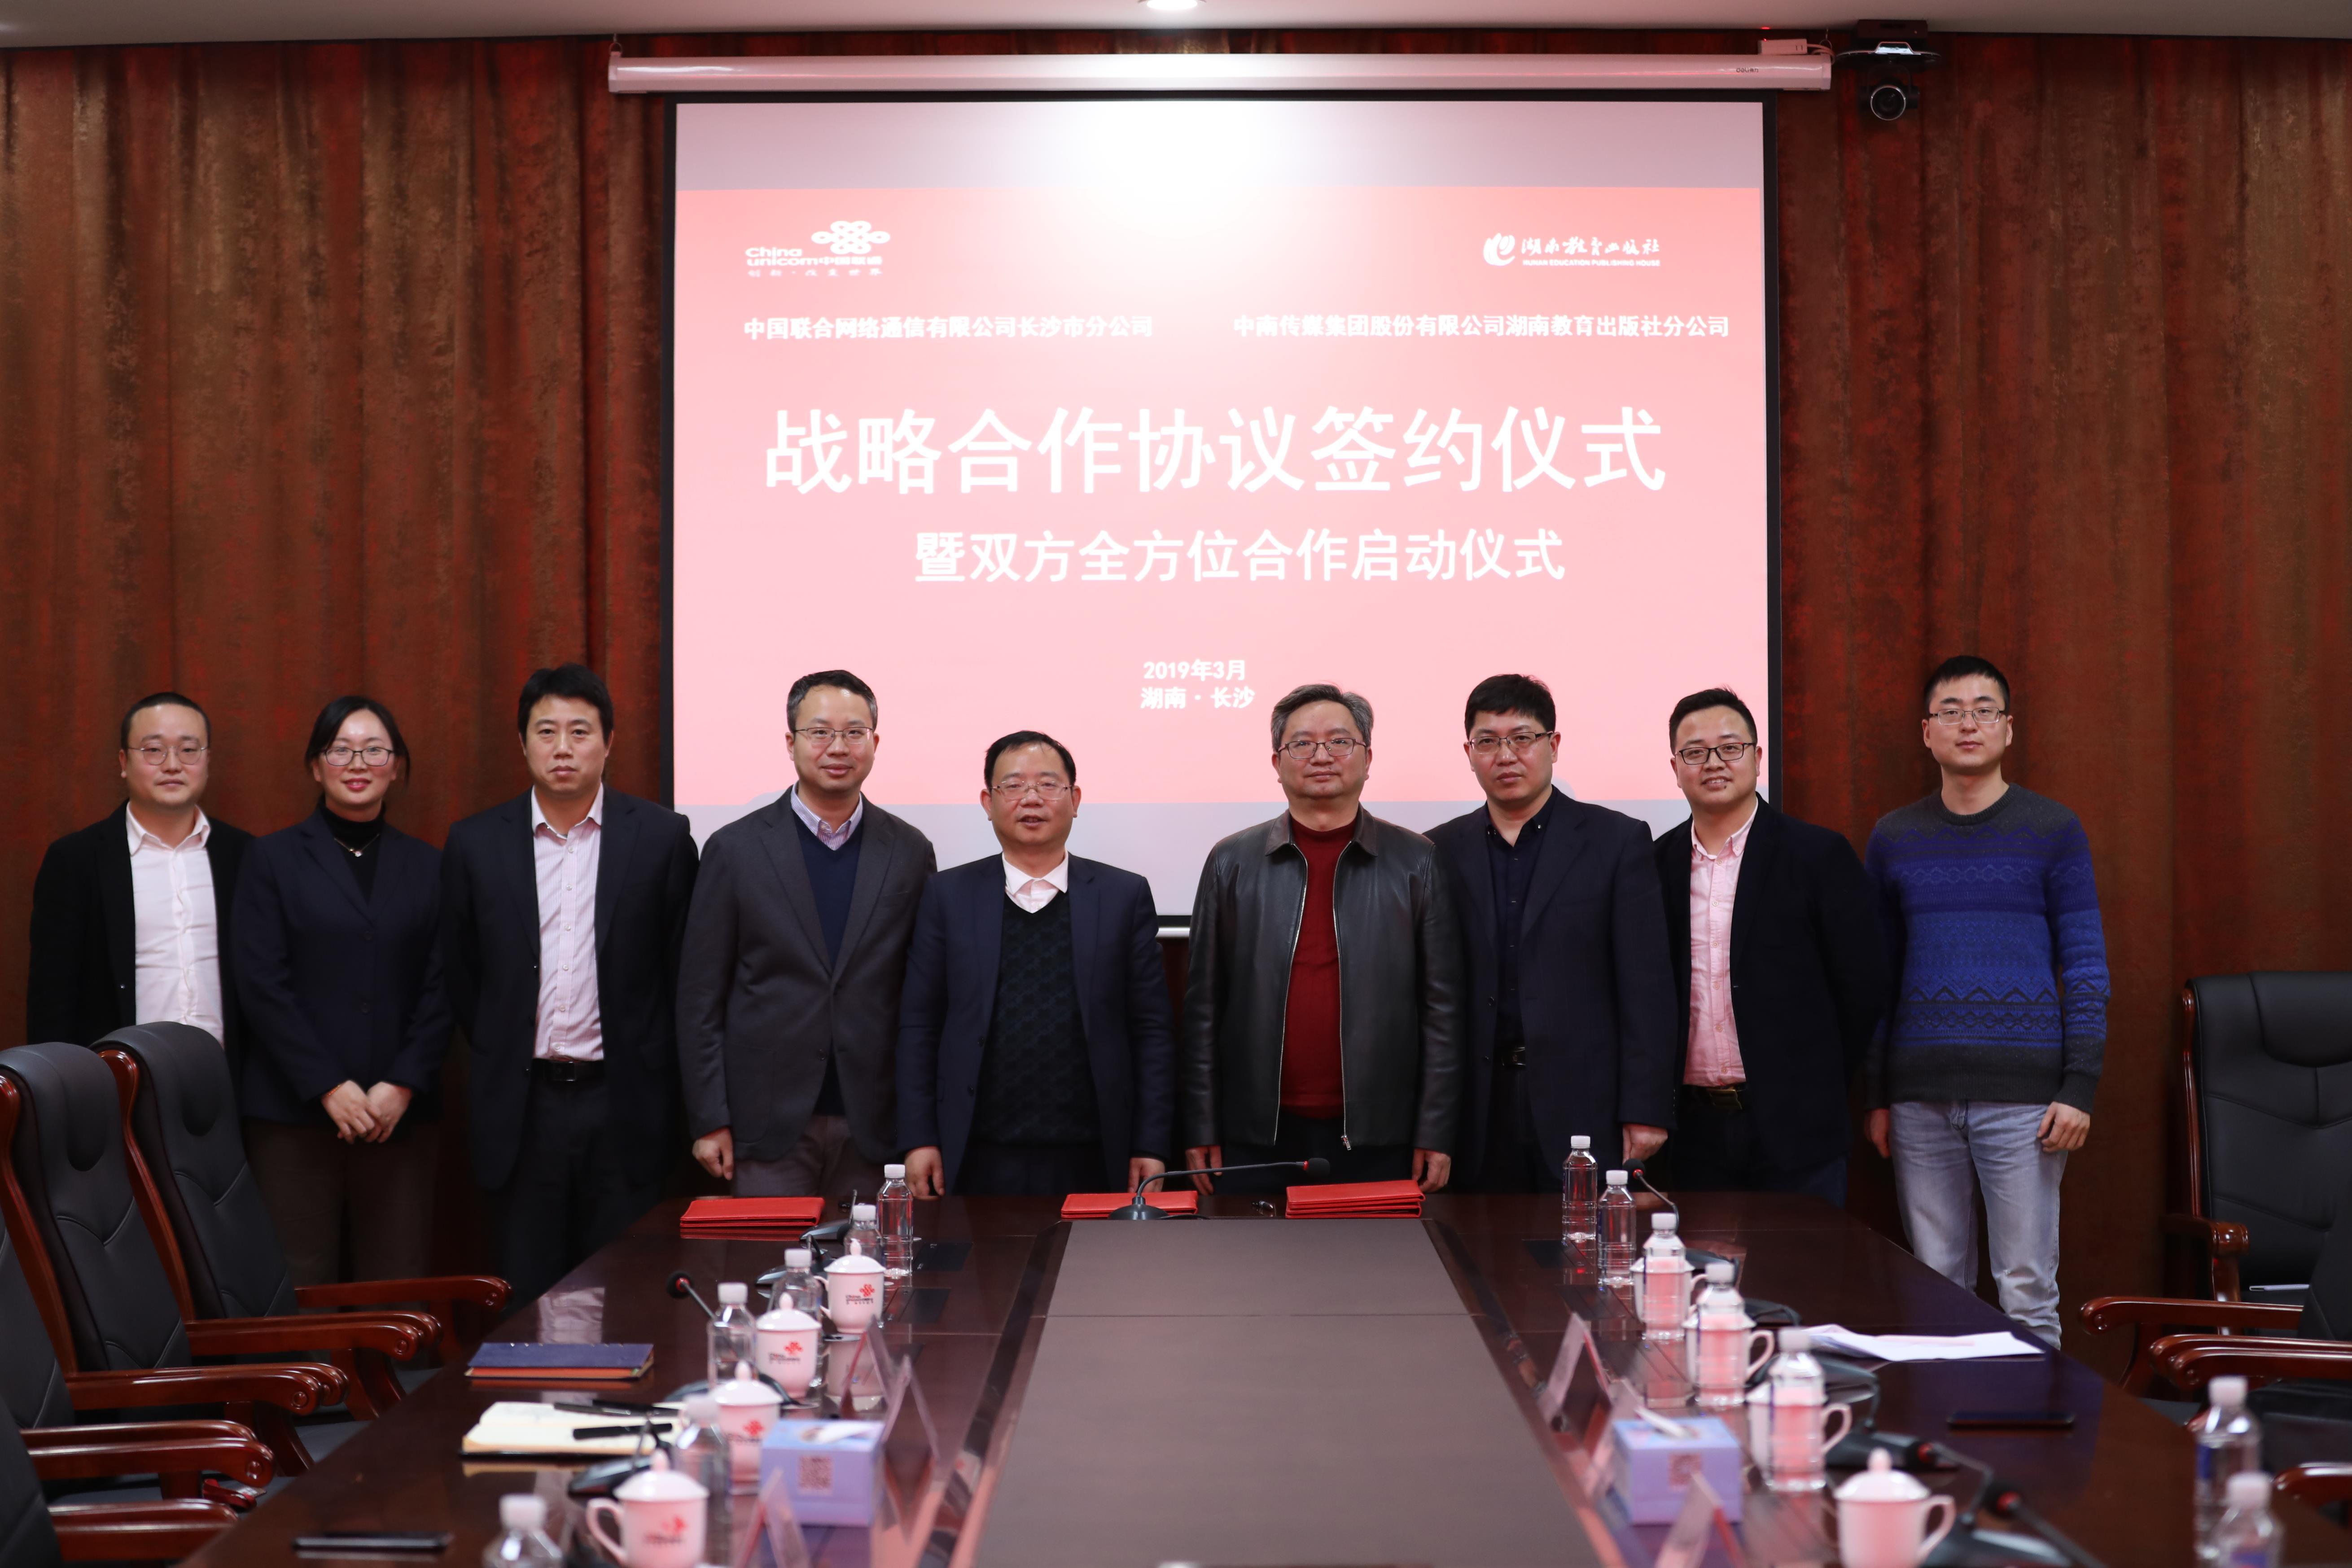 湖南教育出版社与中国联通长沙分公司达成战略合作!